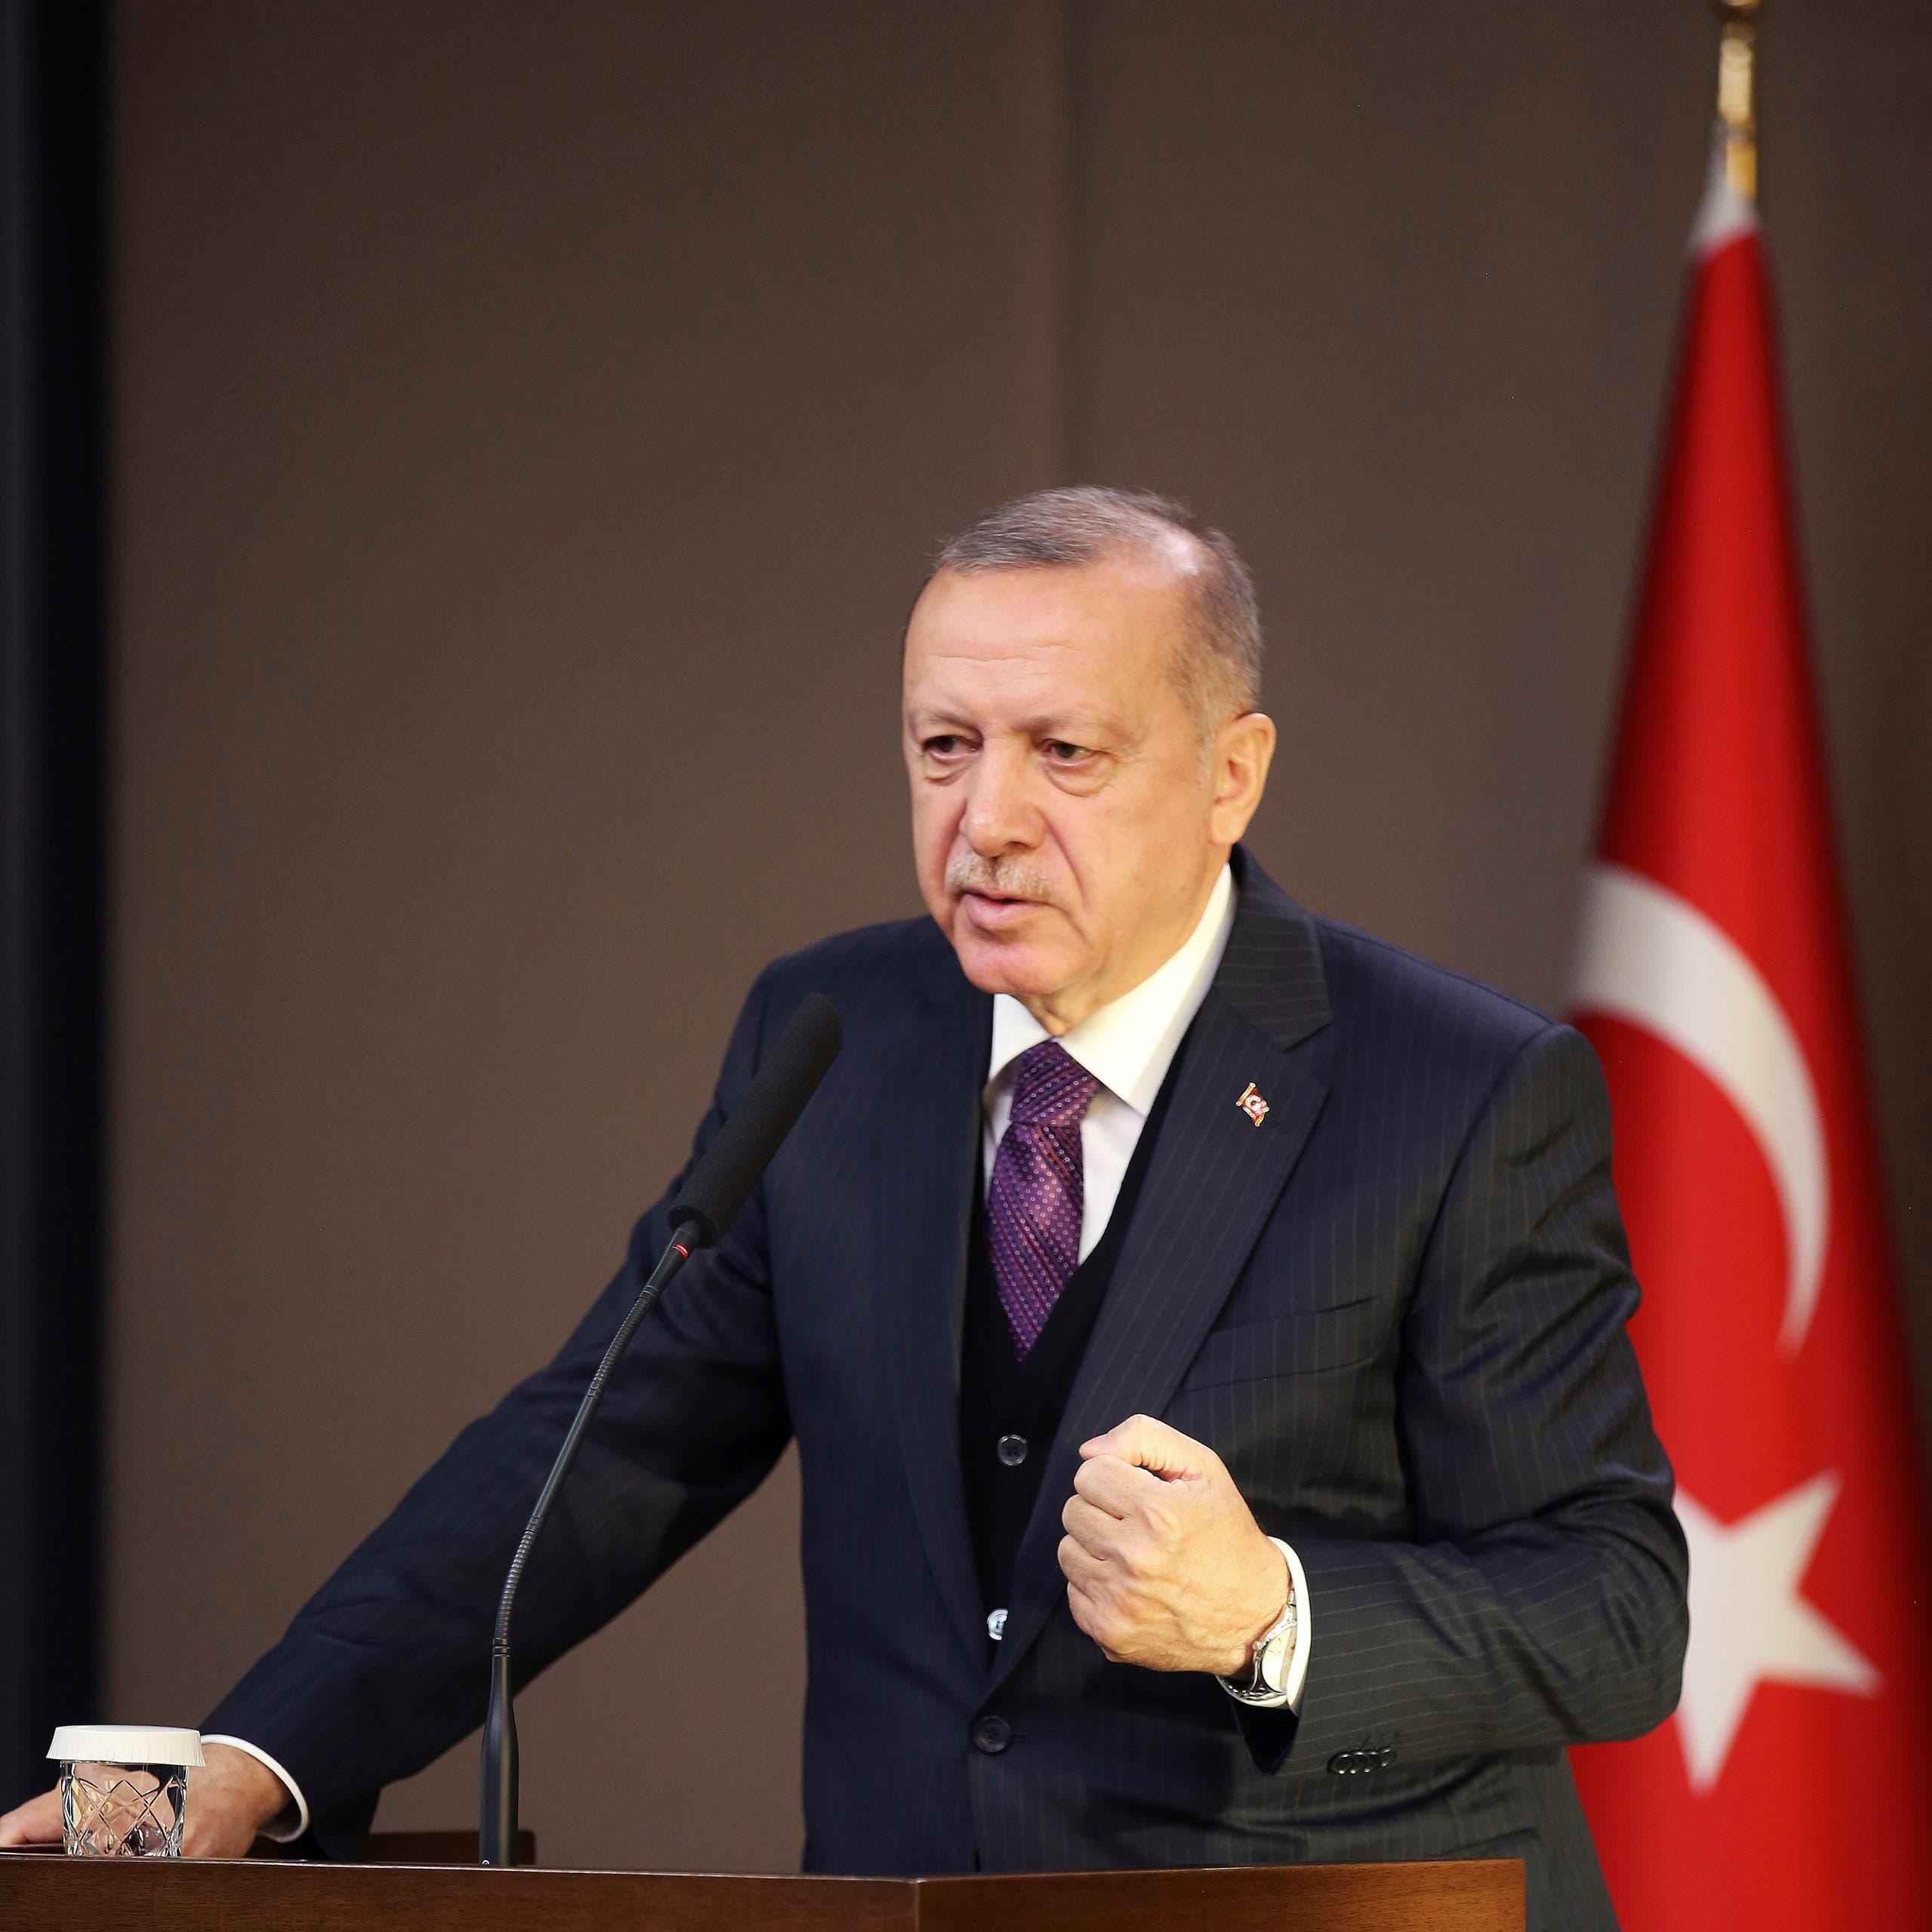 أردوغان: حققنا مكاسب مهمة من اتفاقية الوفاق